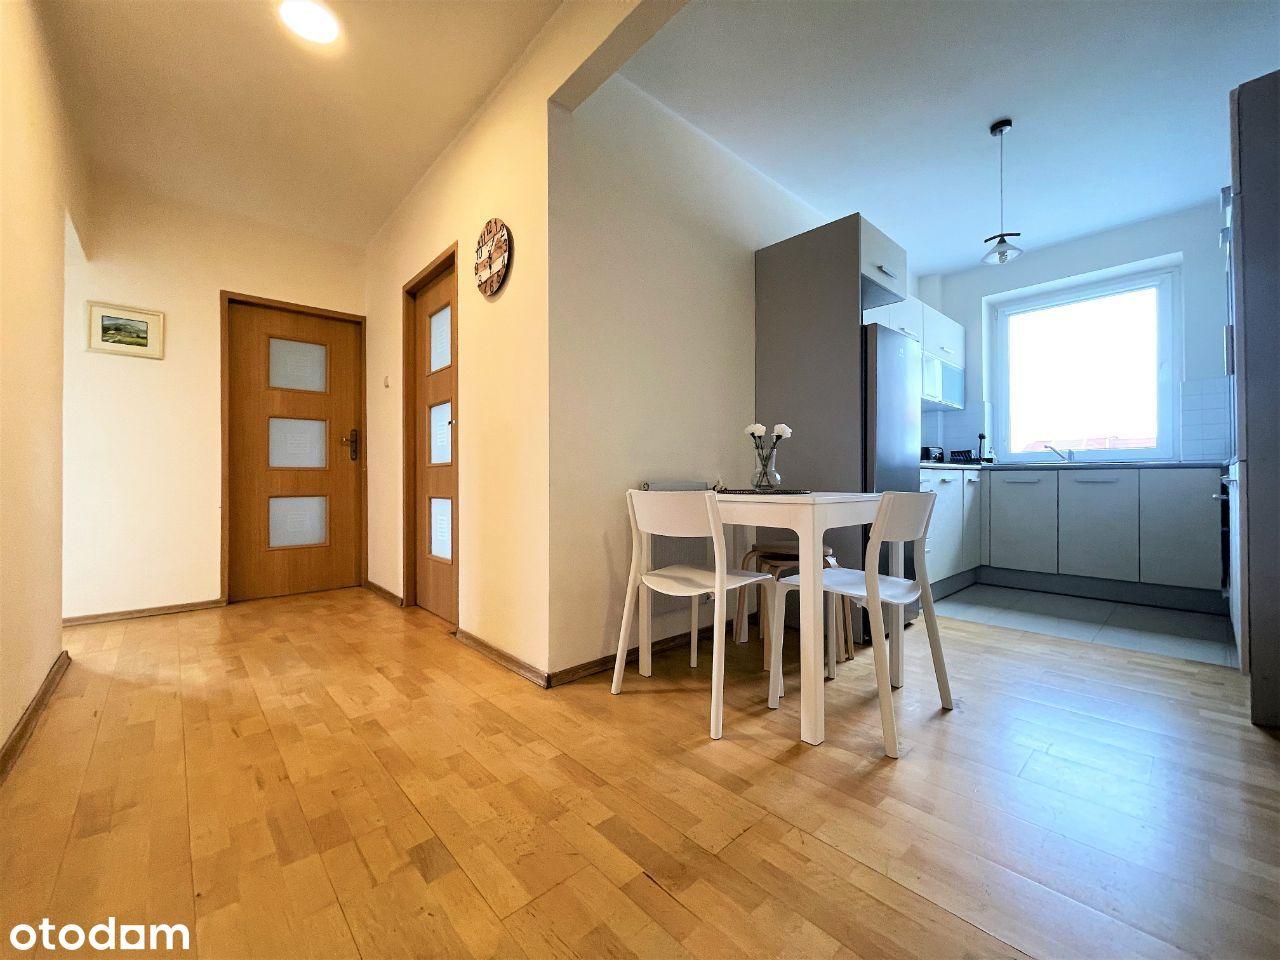 Mieszkanie GÓRZYSKOWO - JFTC - ATOS - 3 pokoje